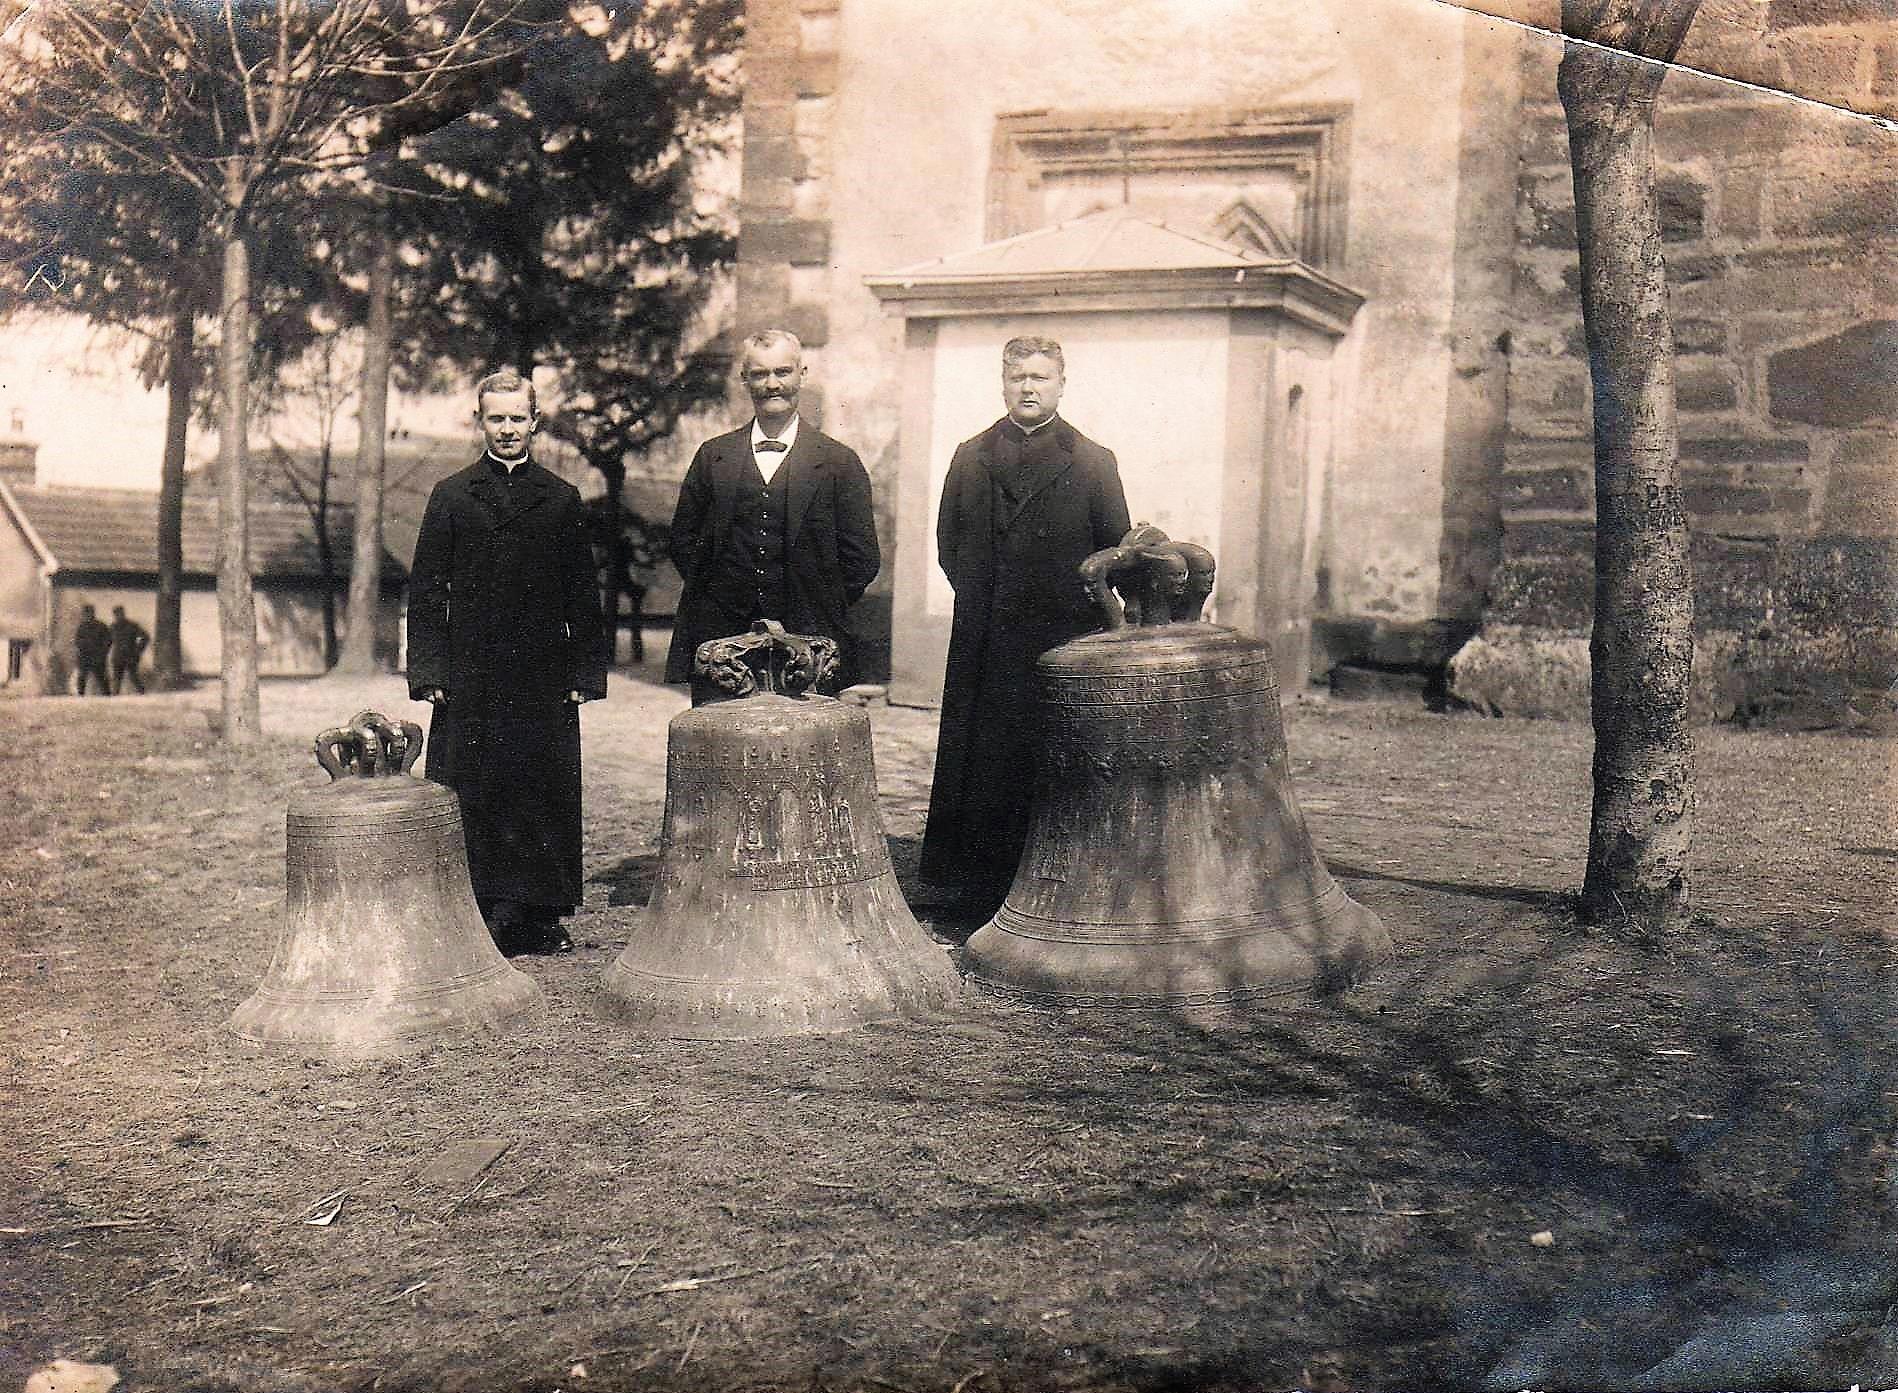 Le dimanche 8 avril 1917, jour de Pâques, le curé Albret geiss (à droite), le maire Ivan reymann (au centre) et le vicaire Paul Kuentz posent devant les trois cloches réquisitionnées : de gauche à droie, dans l'ordre croissant la clcohe Saint Sébastien (1828), la clcohe Saint-Joseph (1895) et la clcohe Sainte Marie (1895).